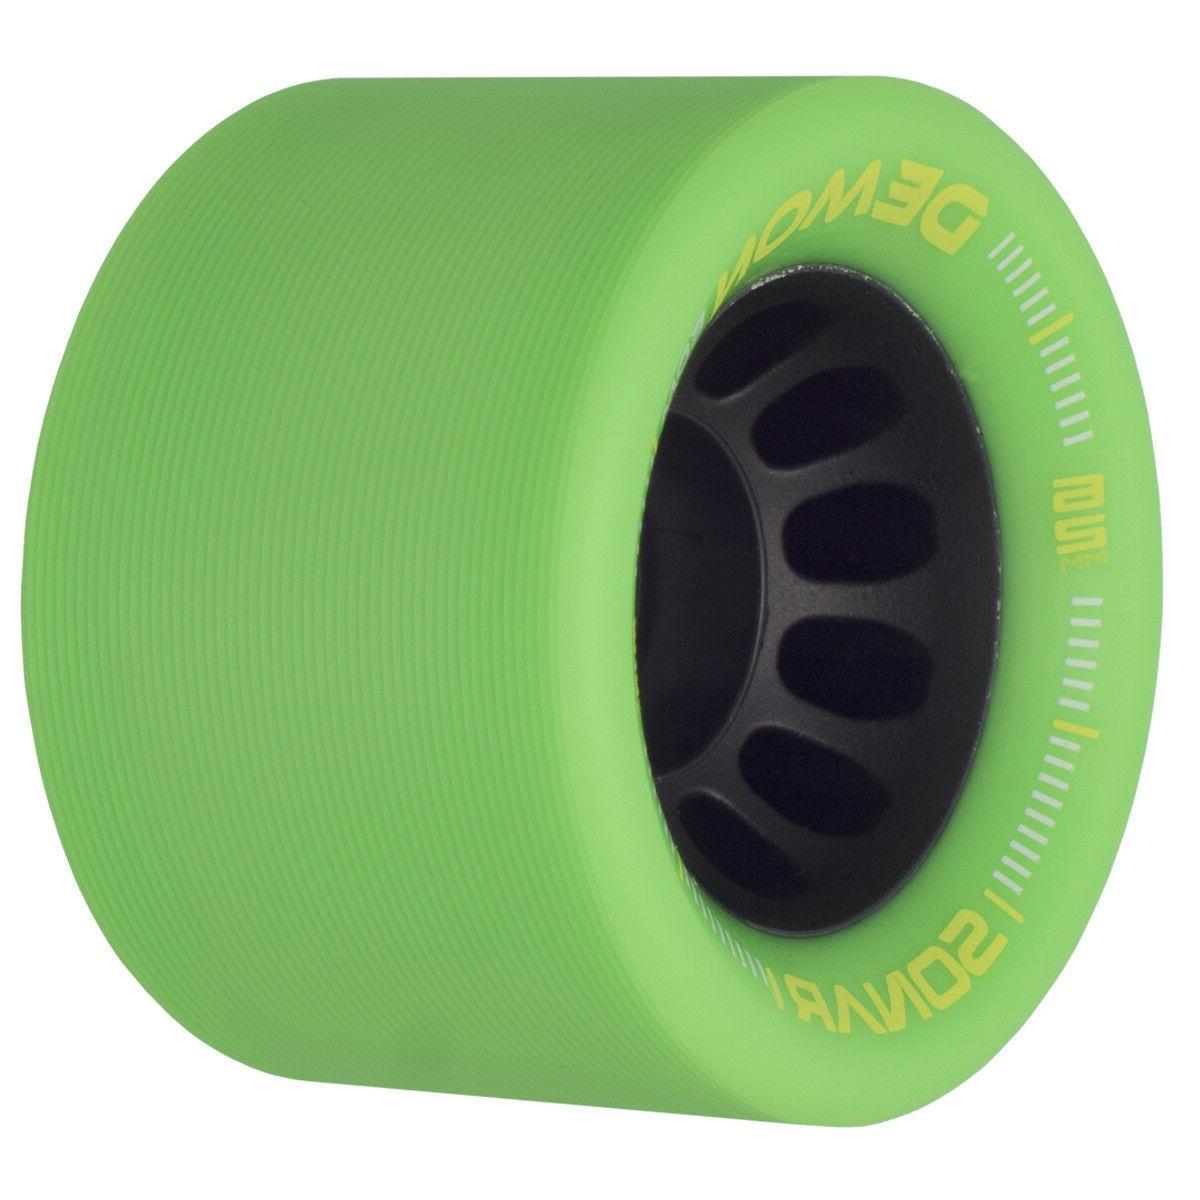 NEW! EDM Quad Roller Speed Skates Black Green EDM